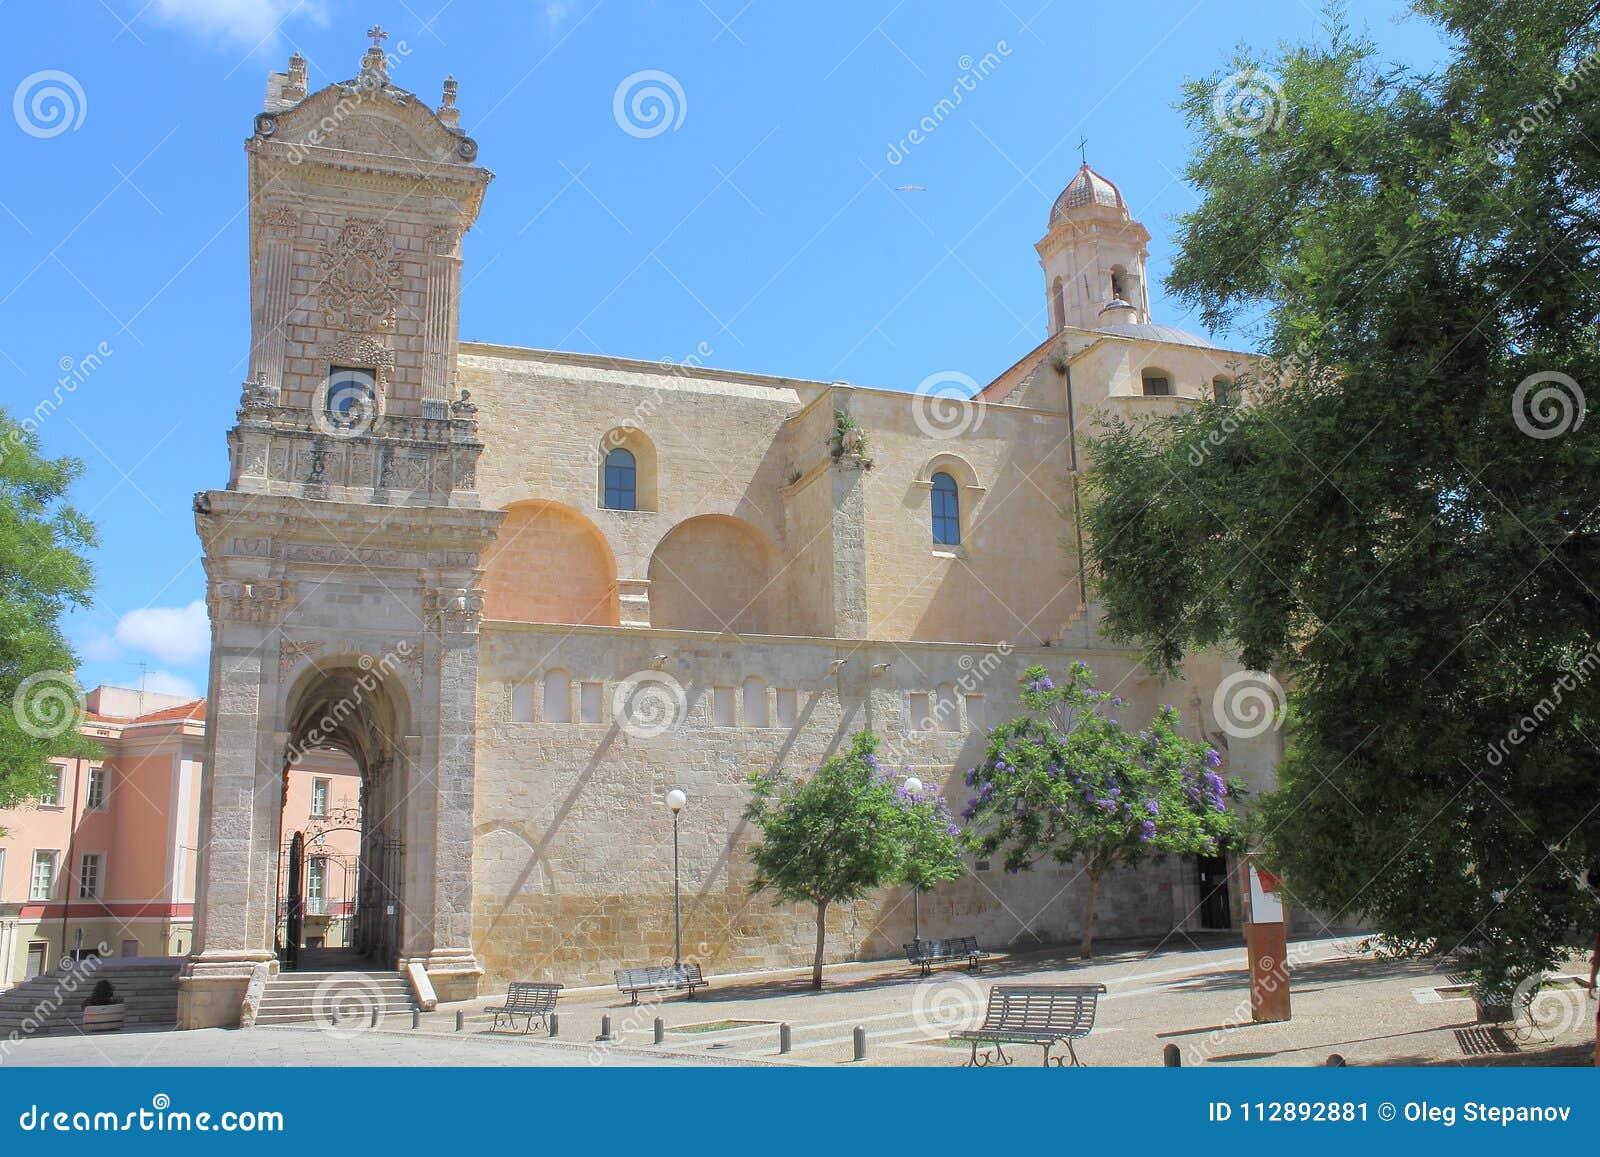 Saint Nicholas Cathedral Sassari Sardinia Italy